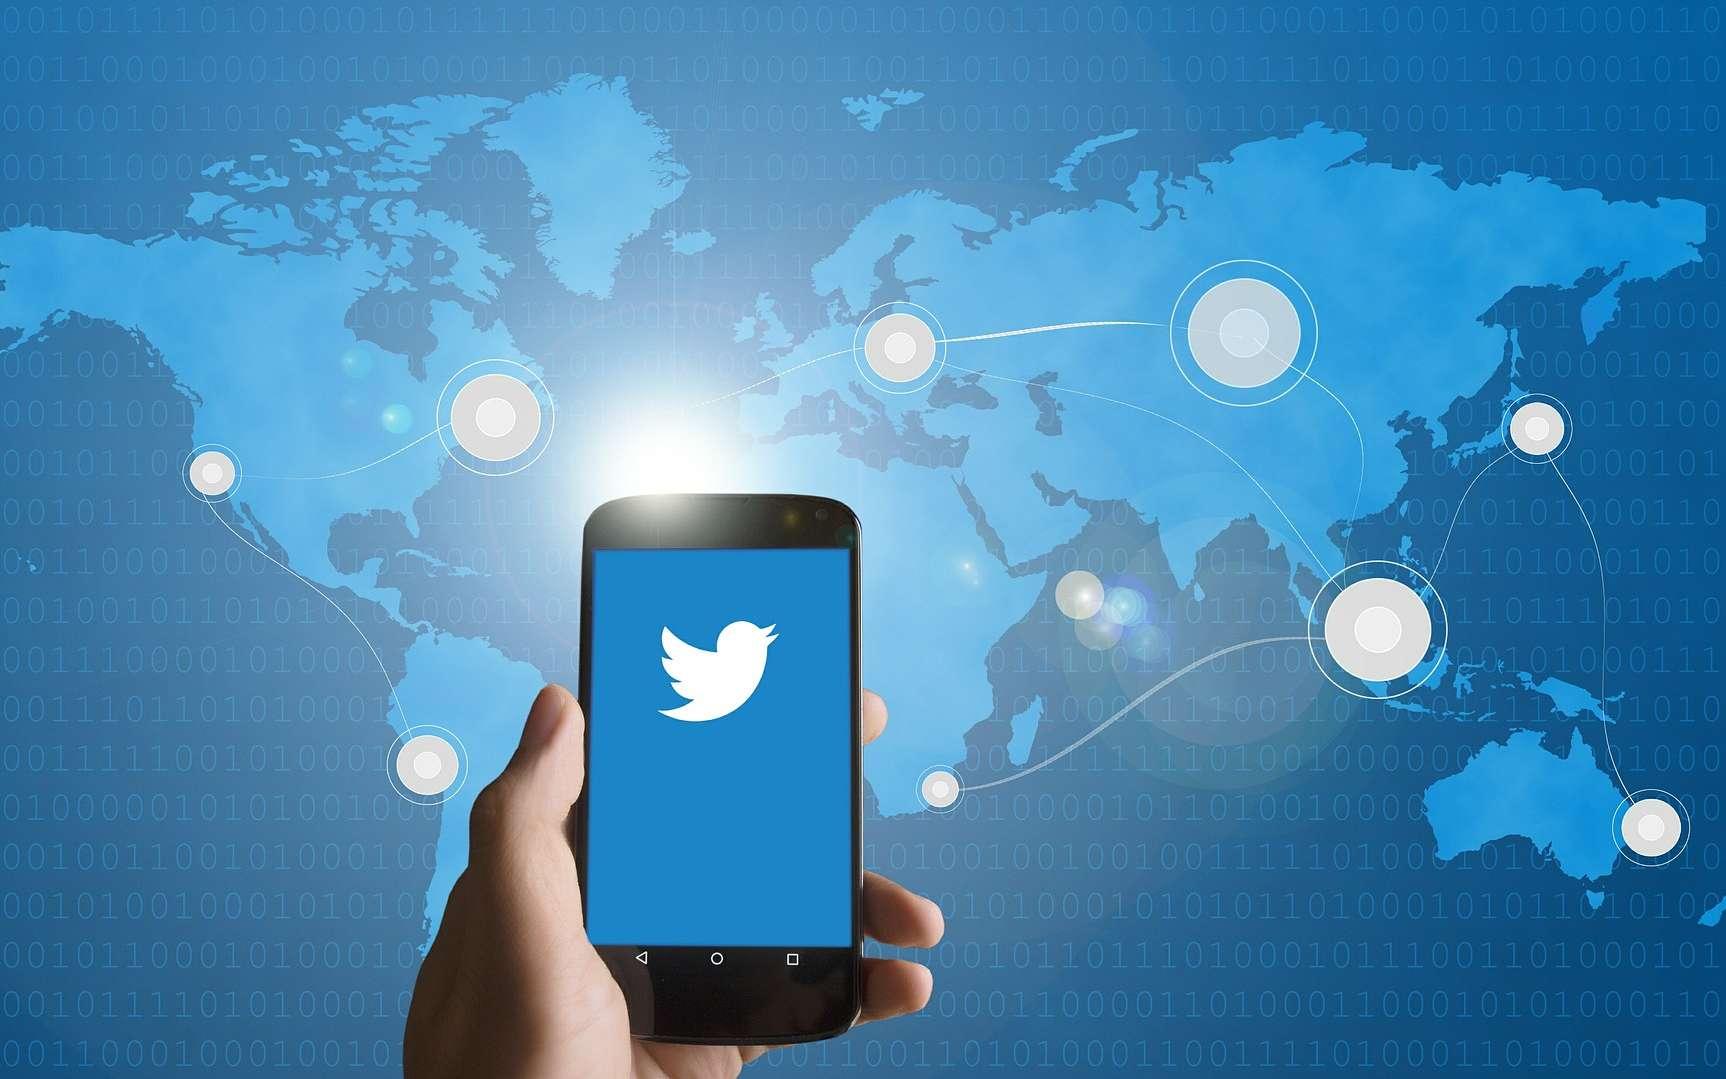 En anglais, le verbe to tweet signifie « gazouiller » mais aussi « jacasser », et le nom twitter signifie « gazouillis » ou « pépiement », et a pour synonyme tweet. © edar, Pixabay, DP